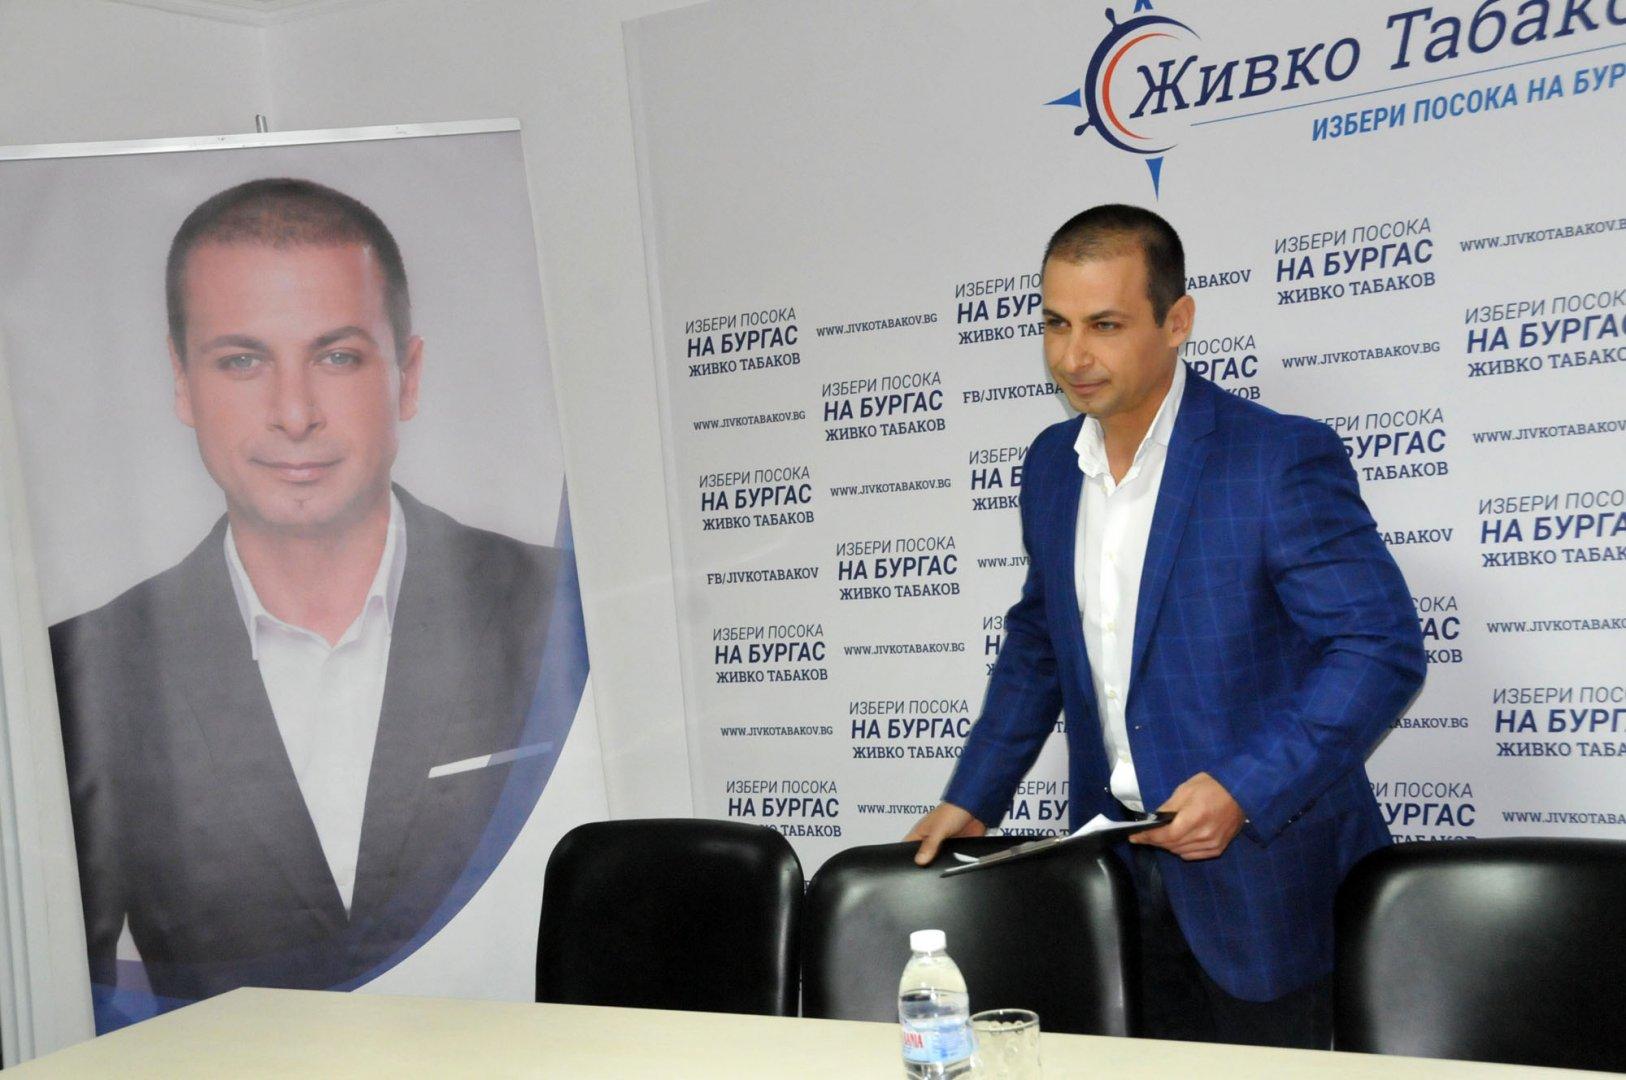 Живко Табаков очаква да получи отговори на питанията си. Снимки Лина Главинова